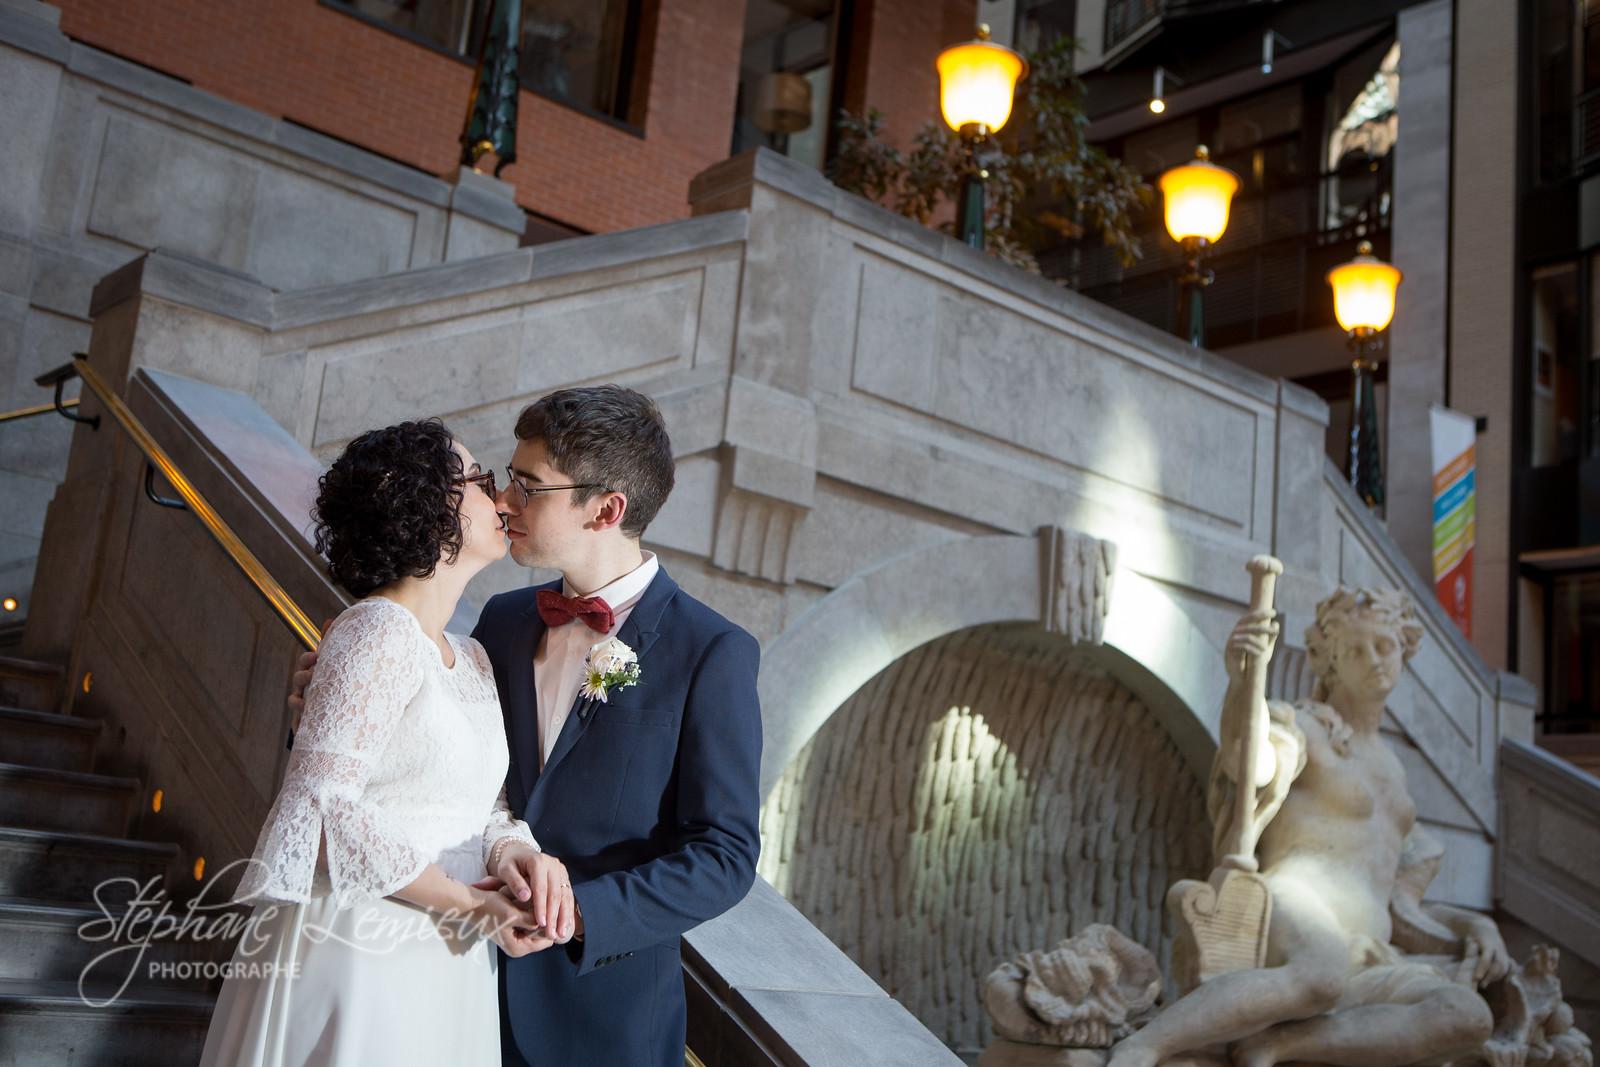 stephane-lemieux-photographe-mariage-montreal-20171111-285